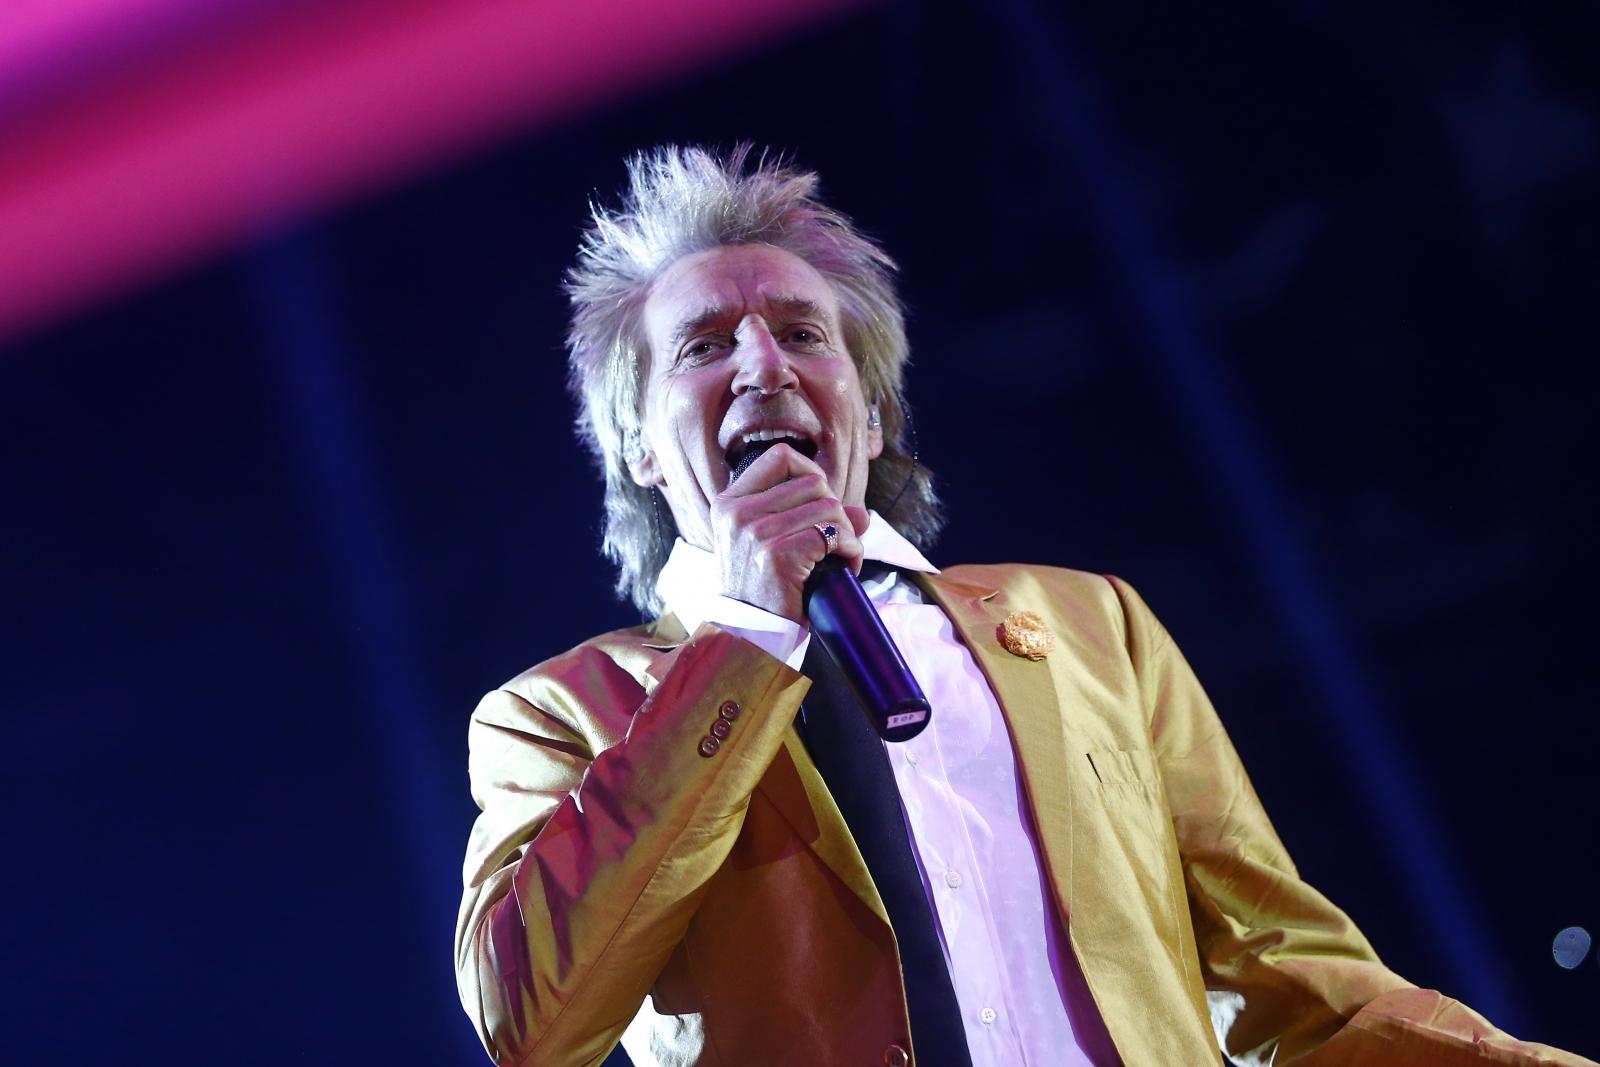 Rod Stewart tour